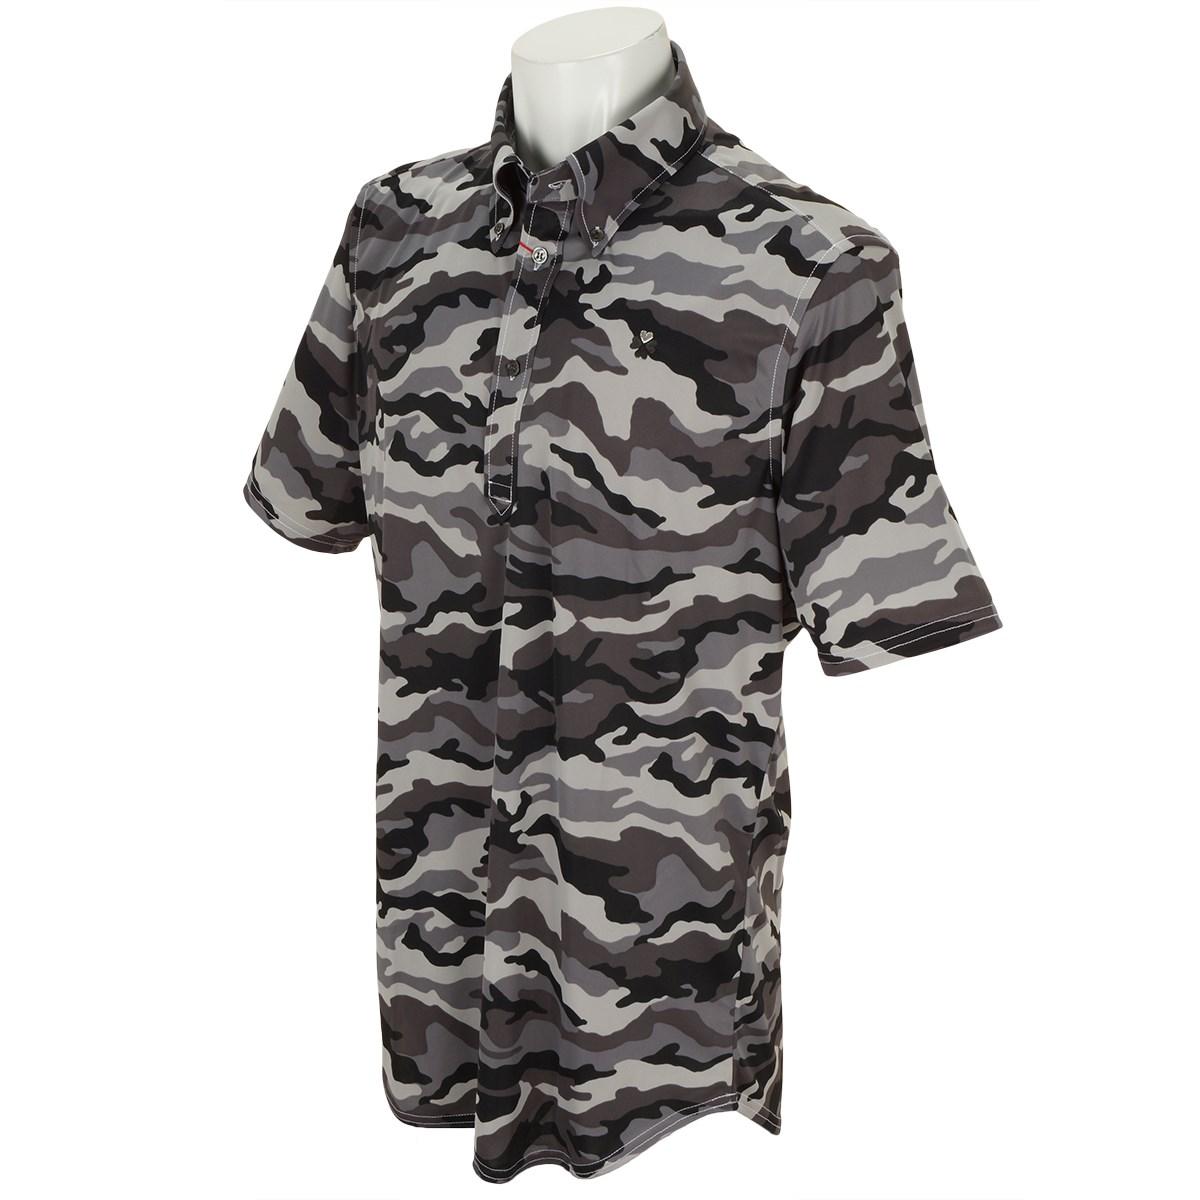 パターンボタンダウン半袖ポロシャツ